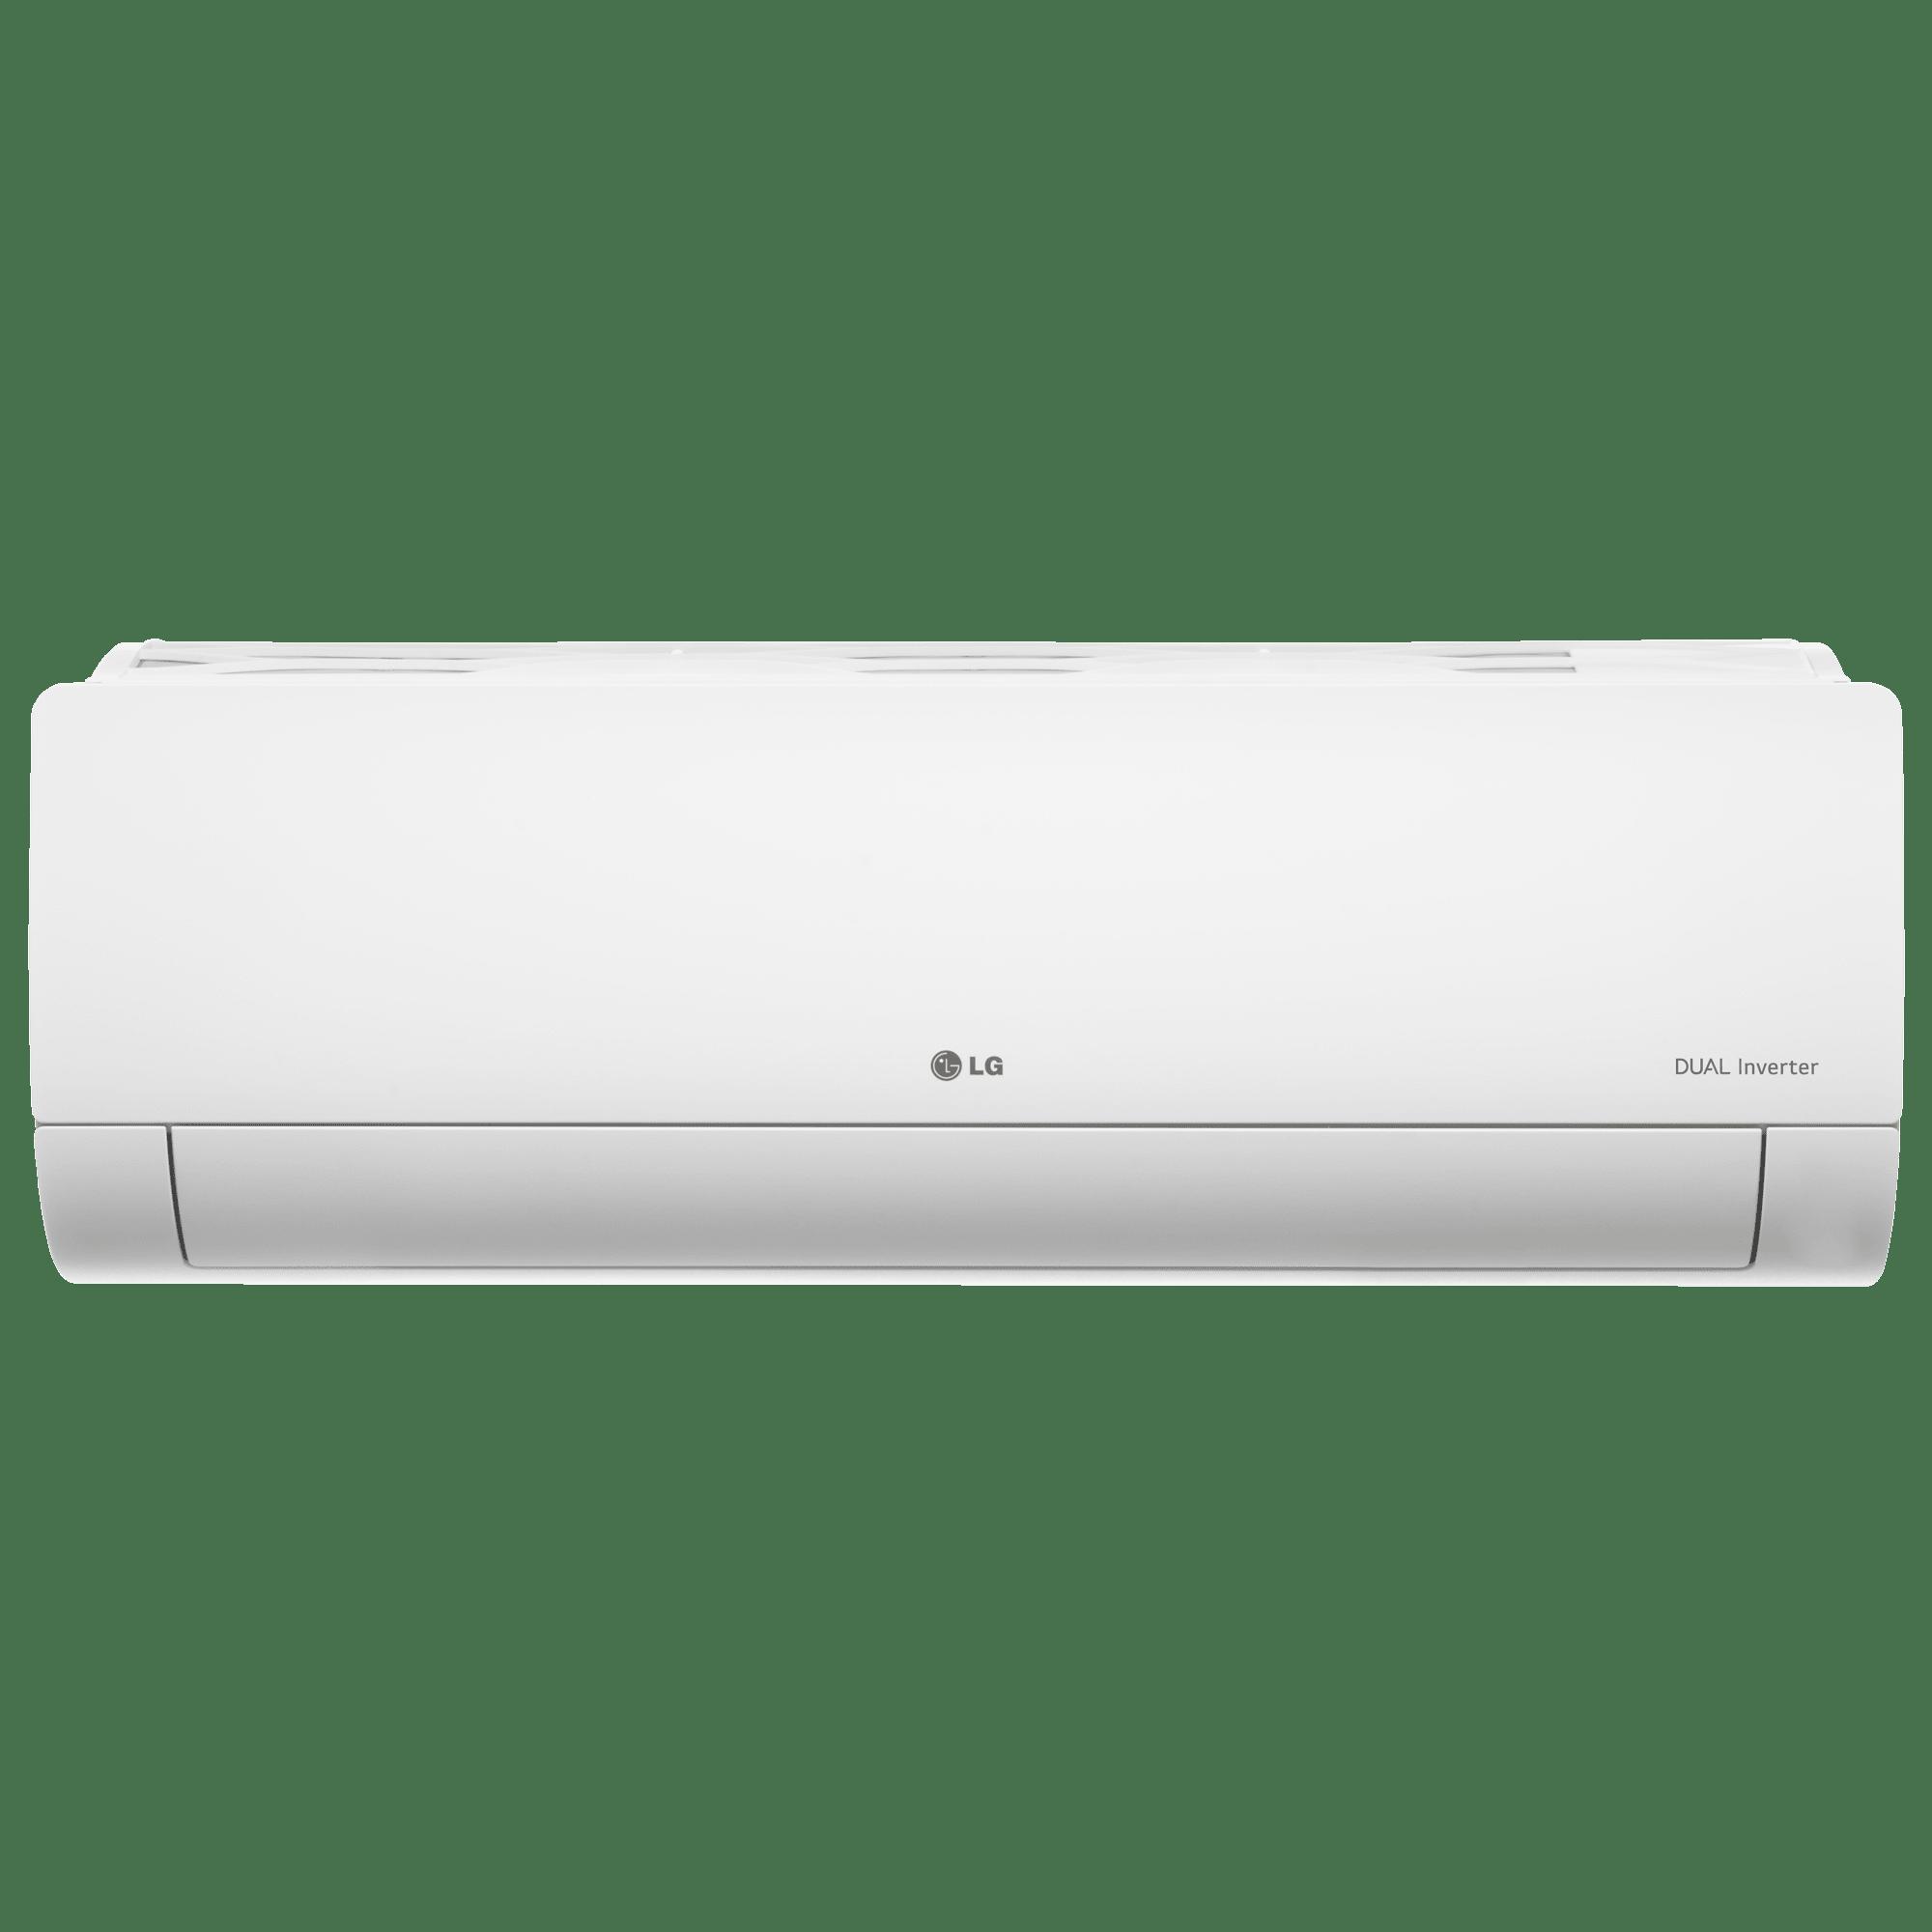 LG 1.5 Ton 5 Star Inverter Split AC (Air Purification Filter, Copper Condenser, MS-Q18UVZA, White)